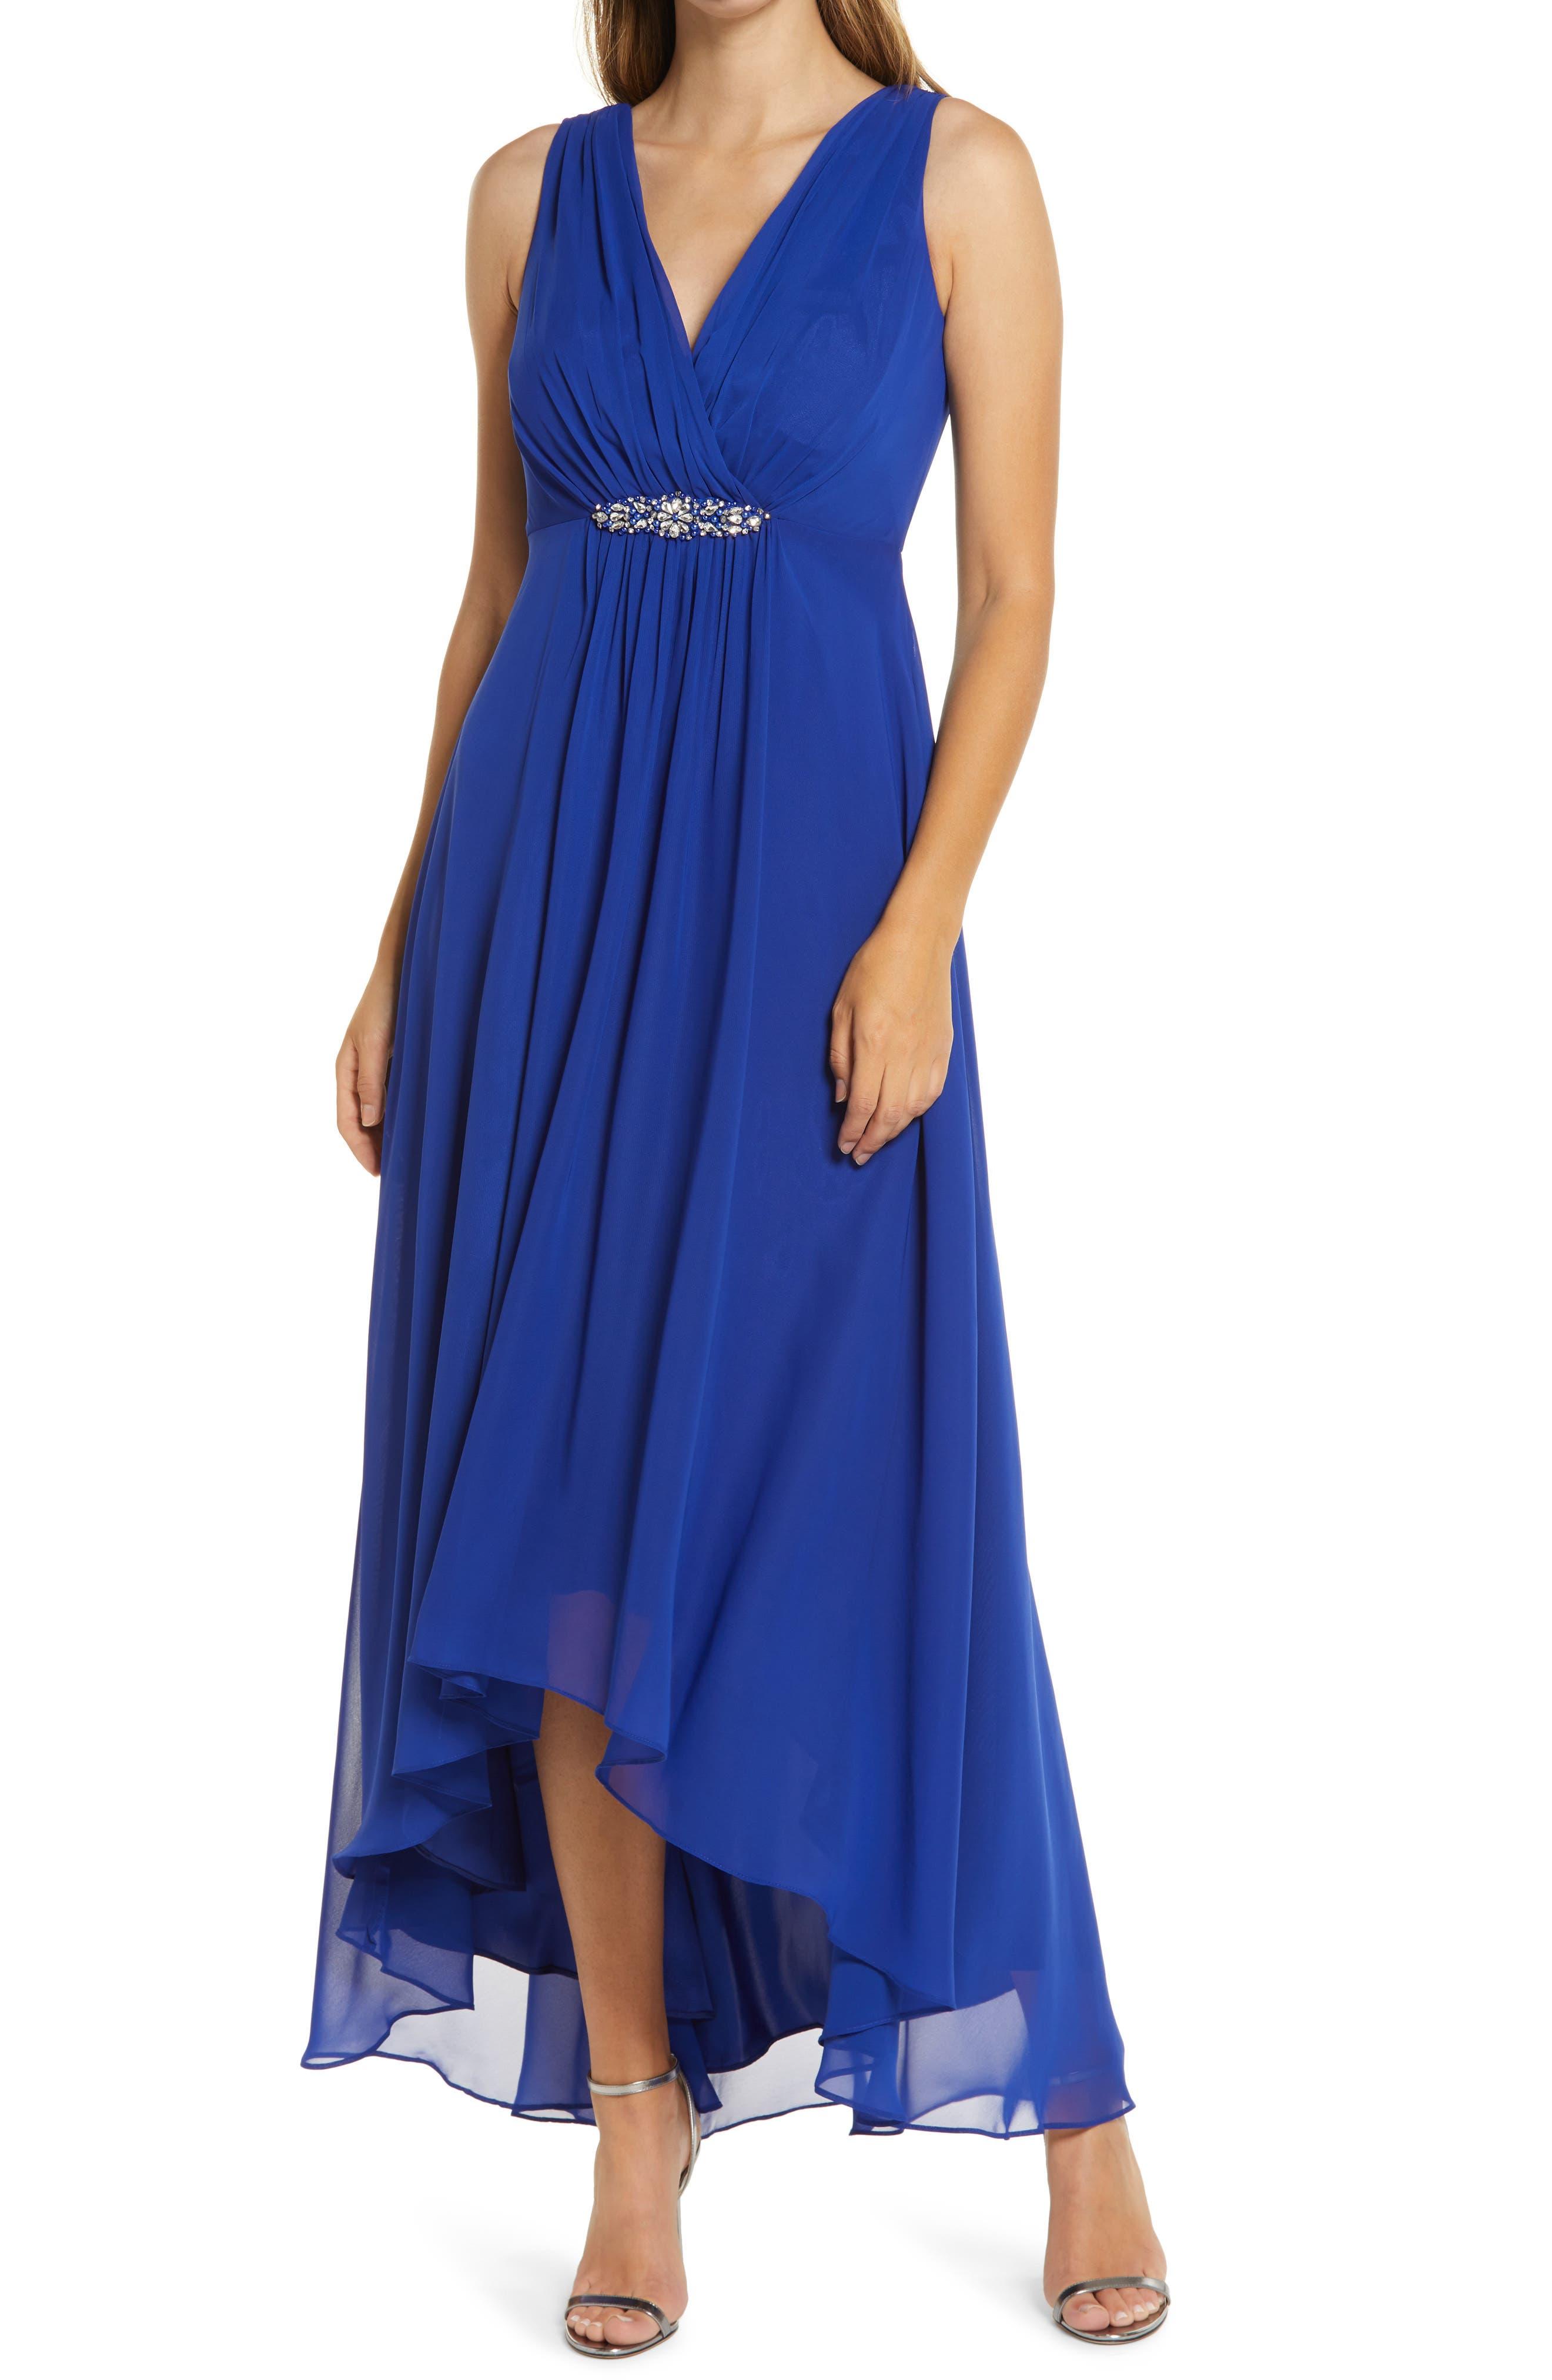 Embellished High/low Chiffon Dress